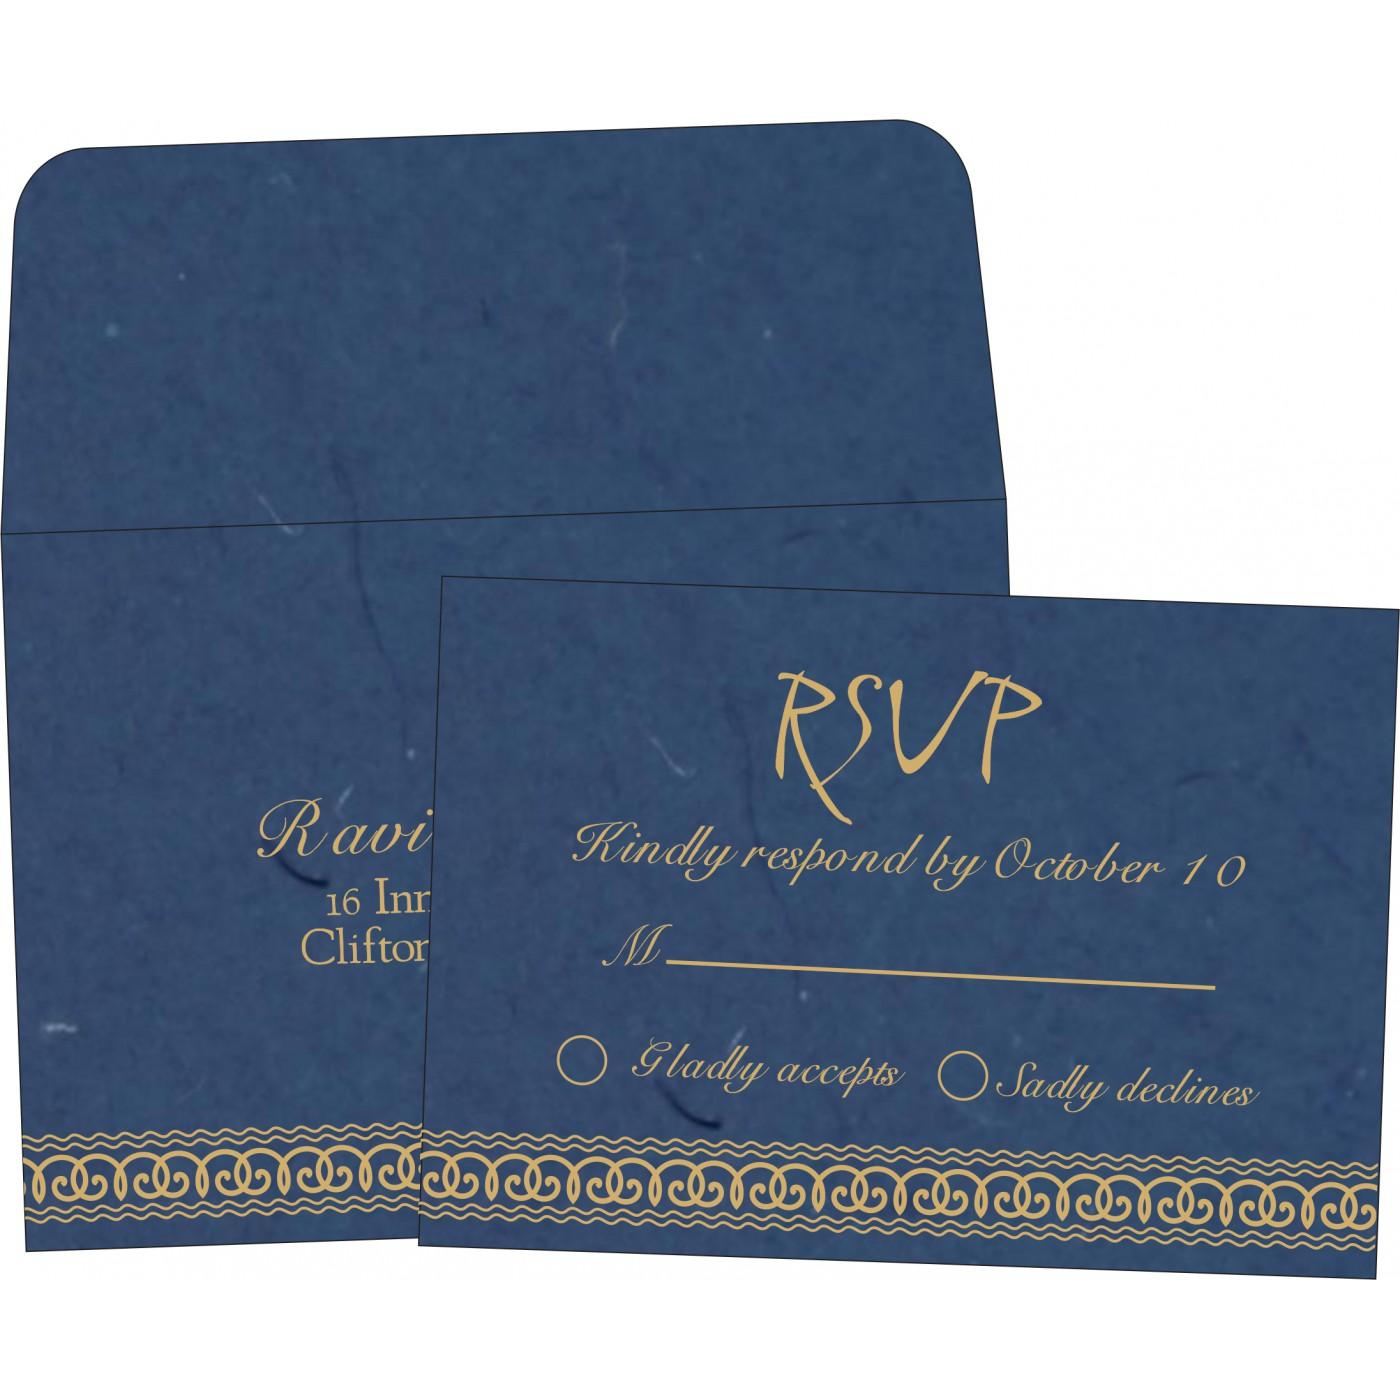 RSVP Cards : RSVP-5002D - 123WeddingCards